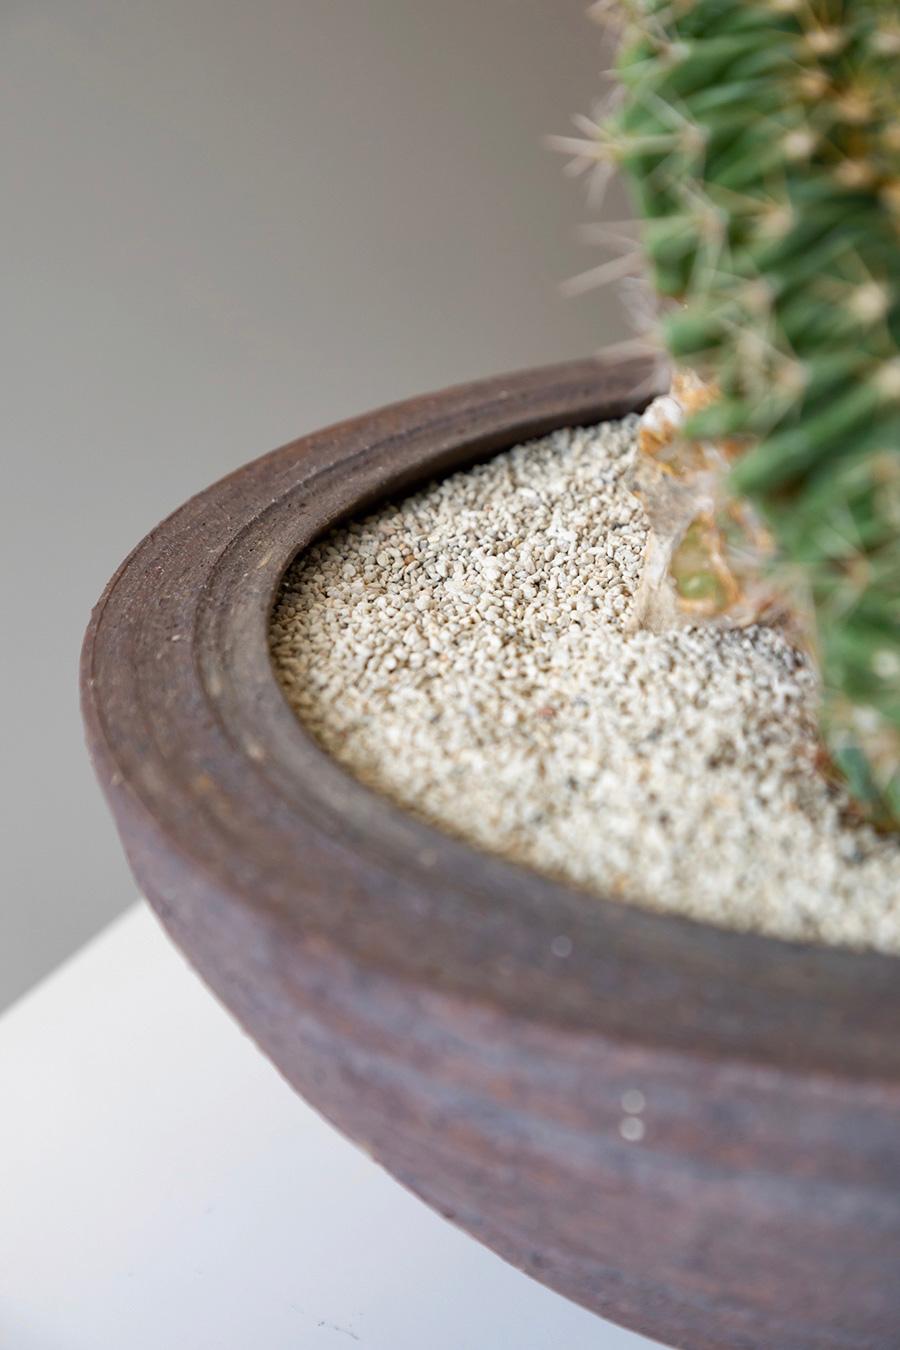 鉢は北九州の陶芸家 西村昂希さん。縁まで薄く仕上げられた緊張感のある鉢。